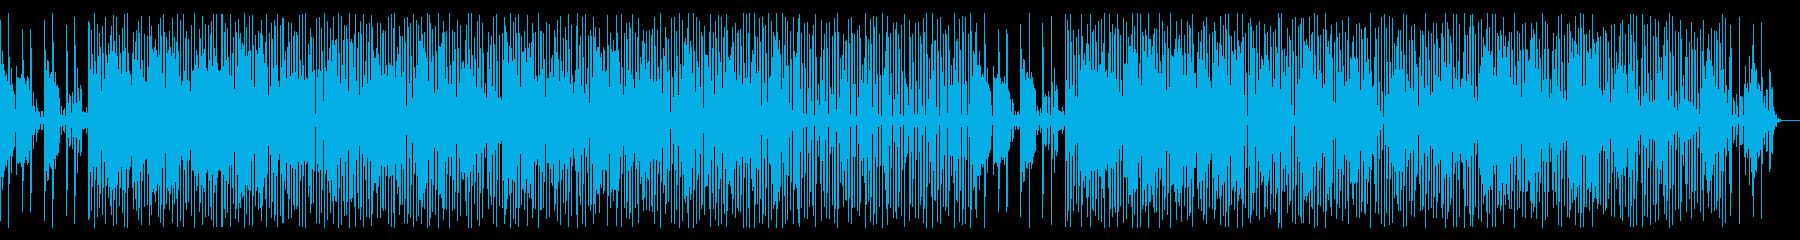 安らぎ・心地良く幻想的・メロウなビートの再生済みの波形